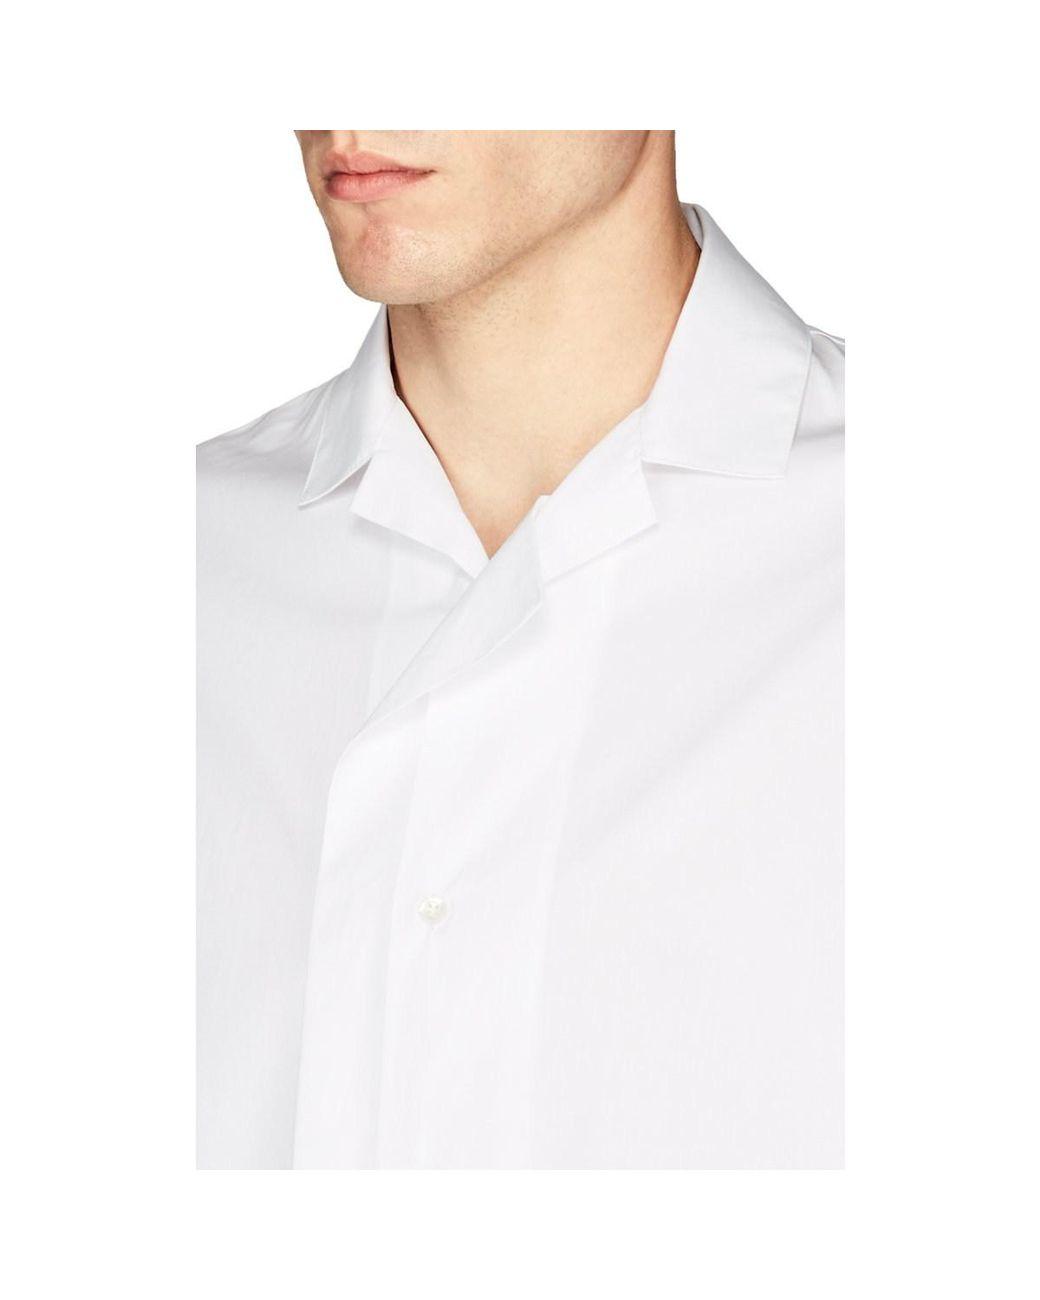 47dbe2c8 Men's White Bowling Shirt